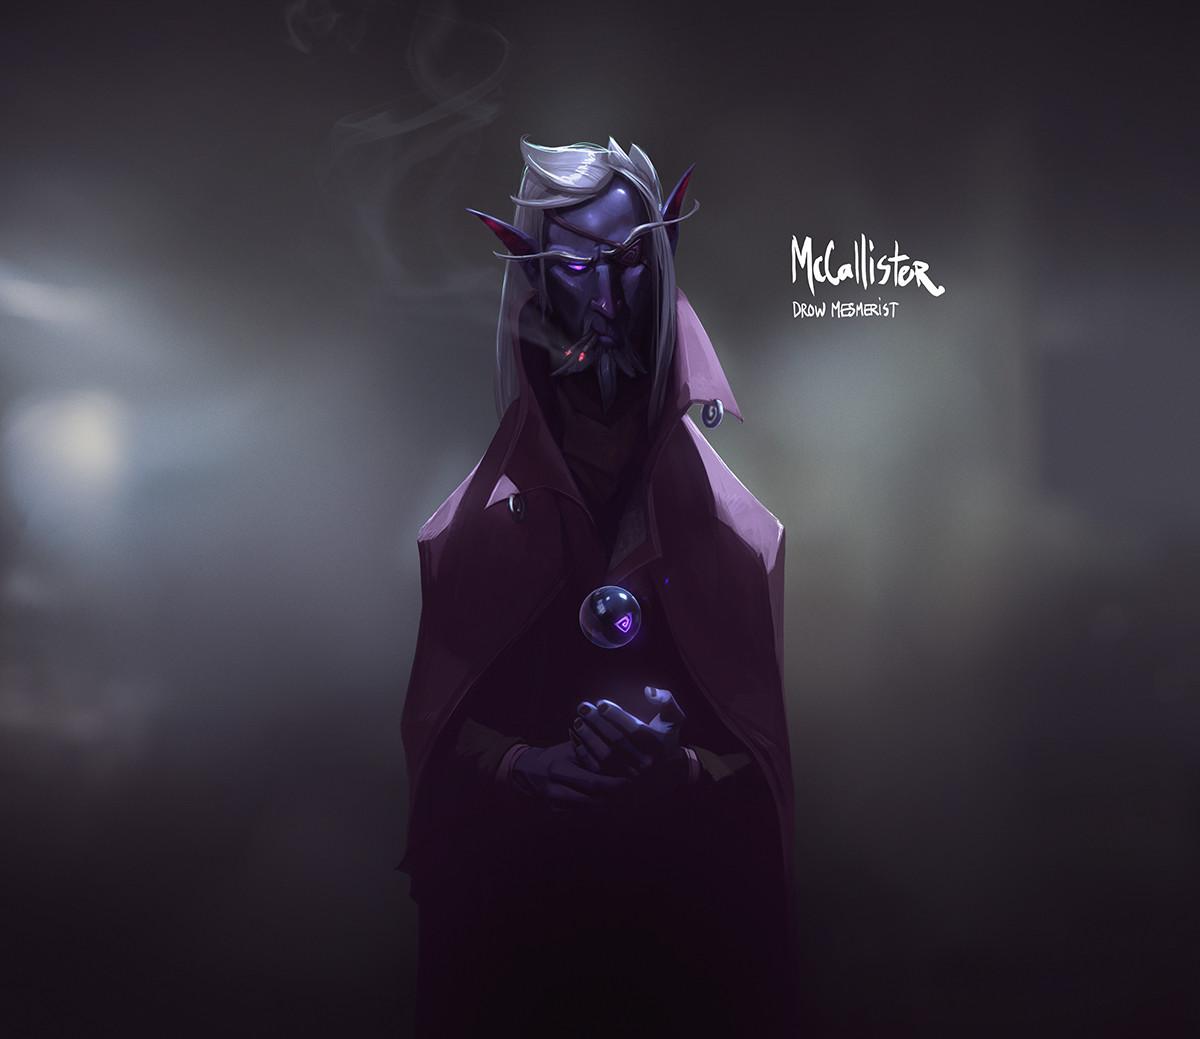 Pathfinder 2: McCallister